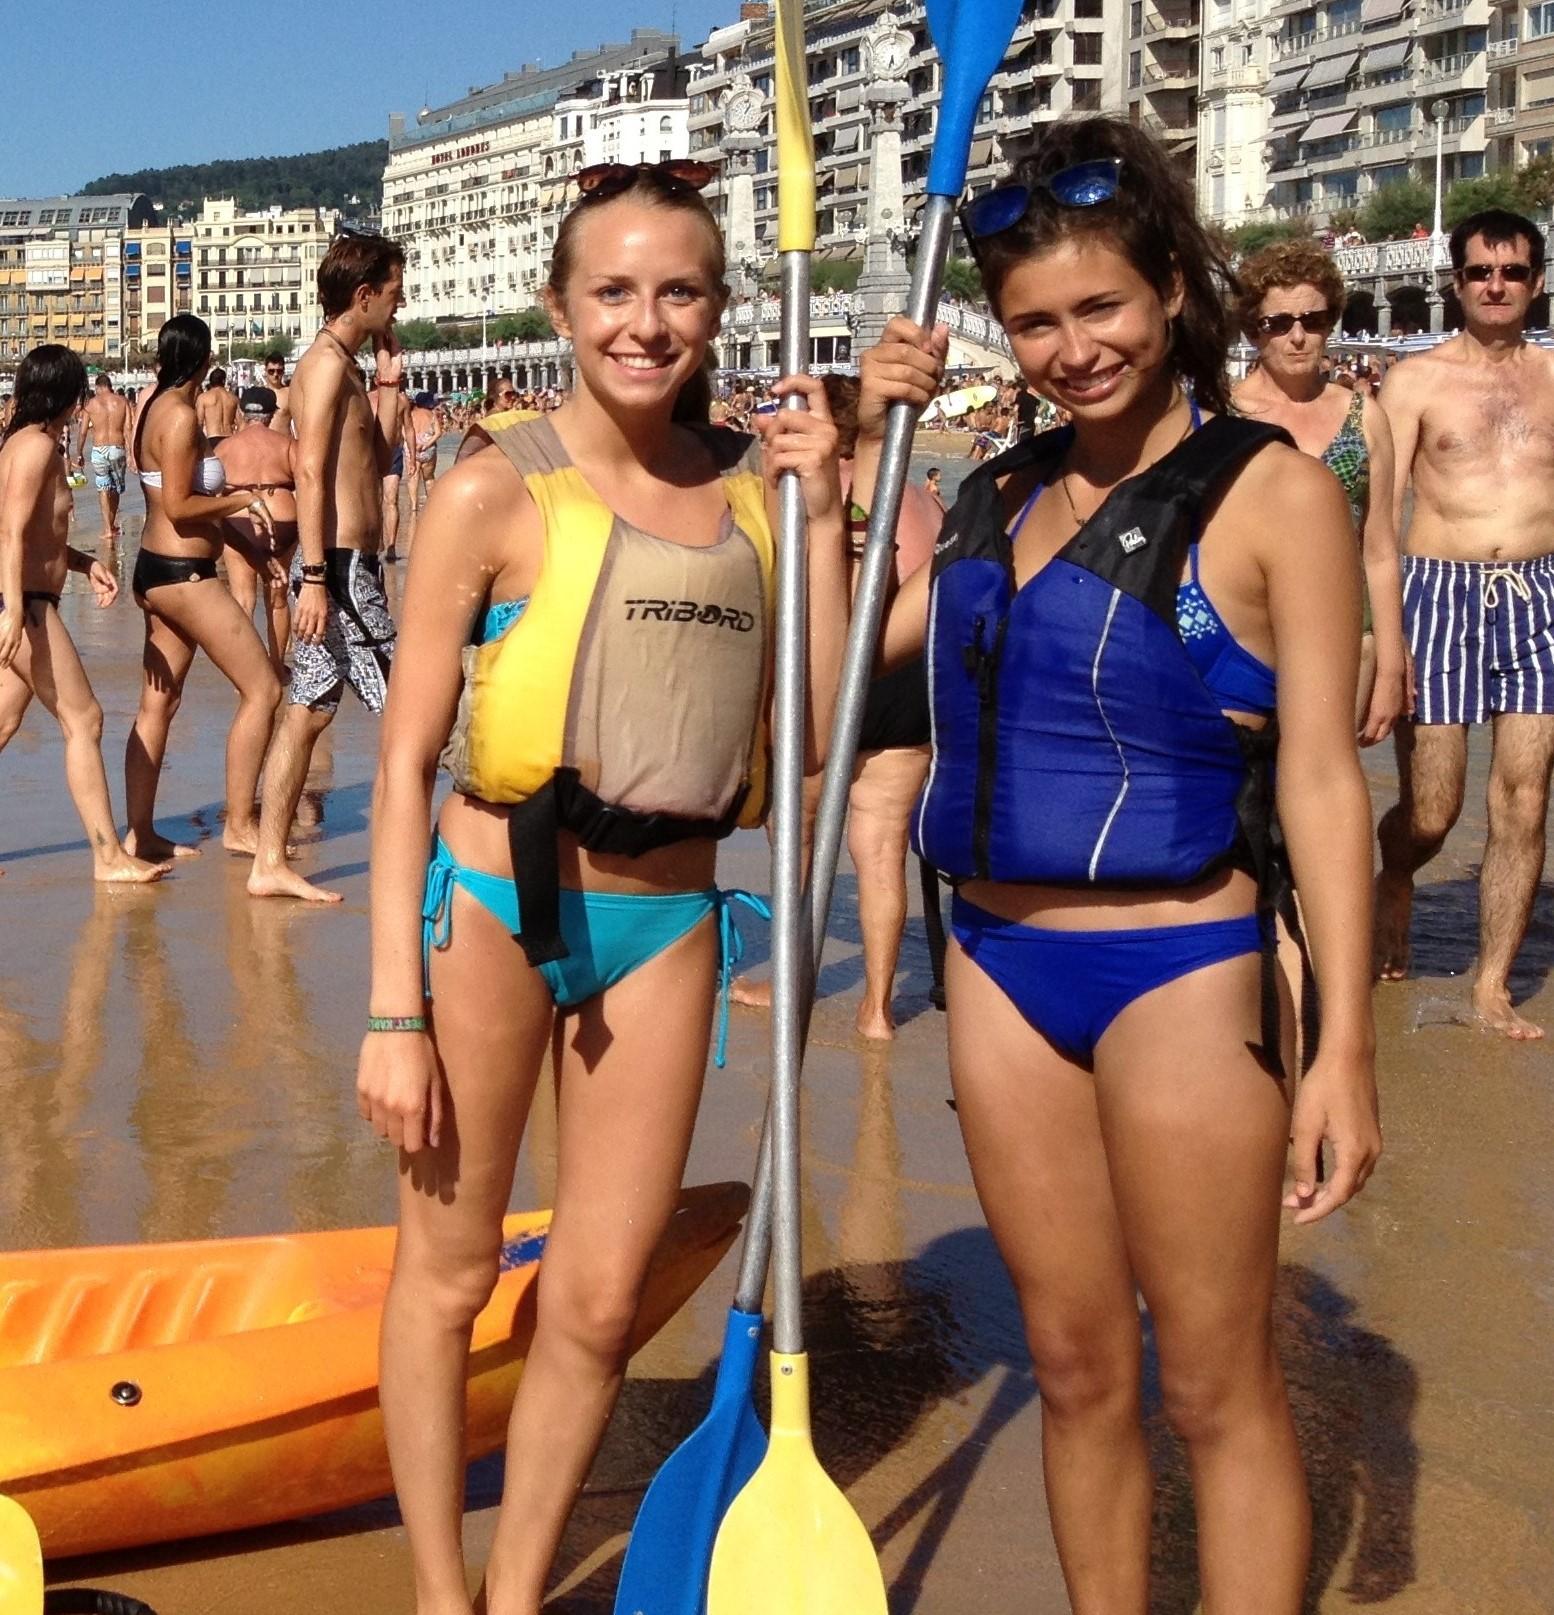 Taalkamp in het buitenland met watersporten